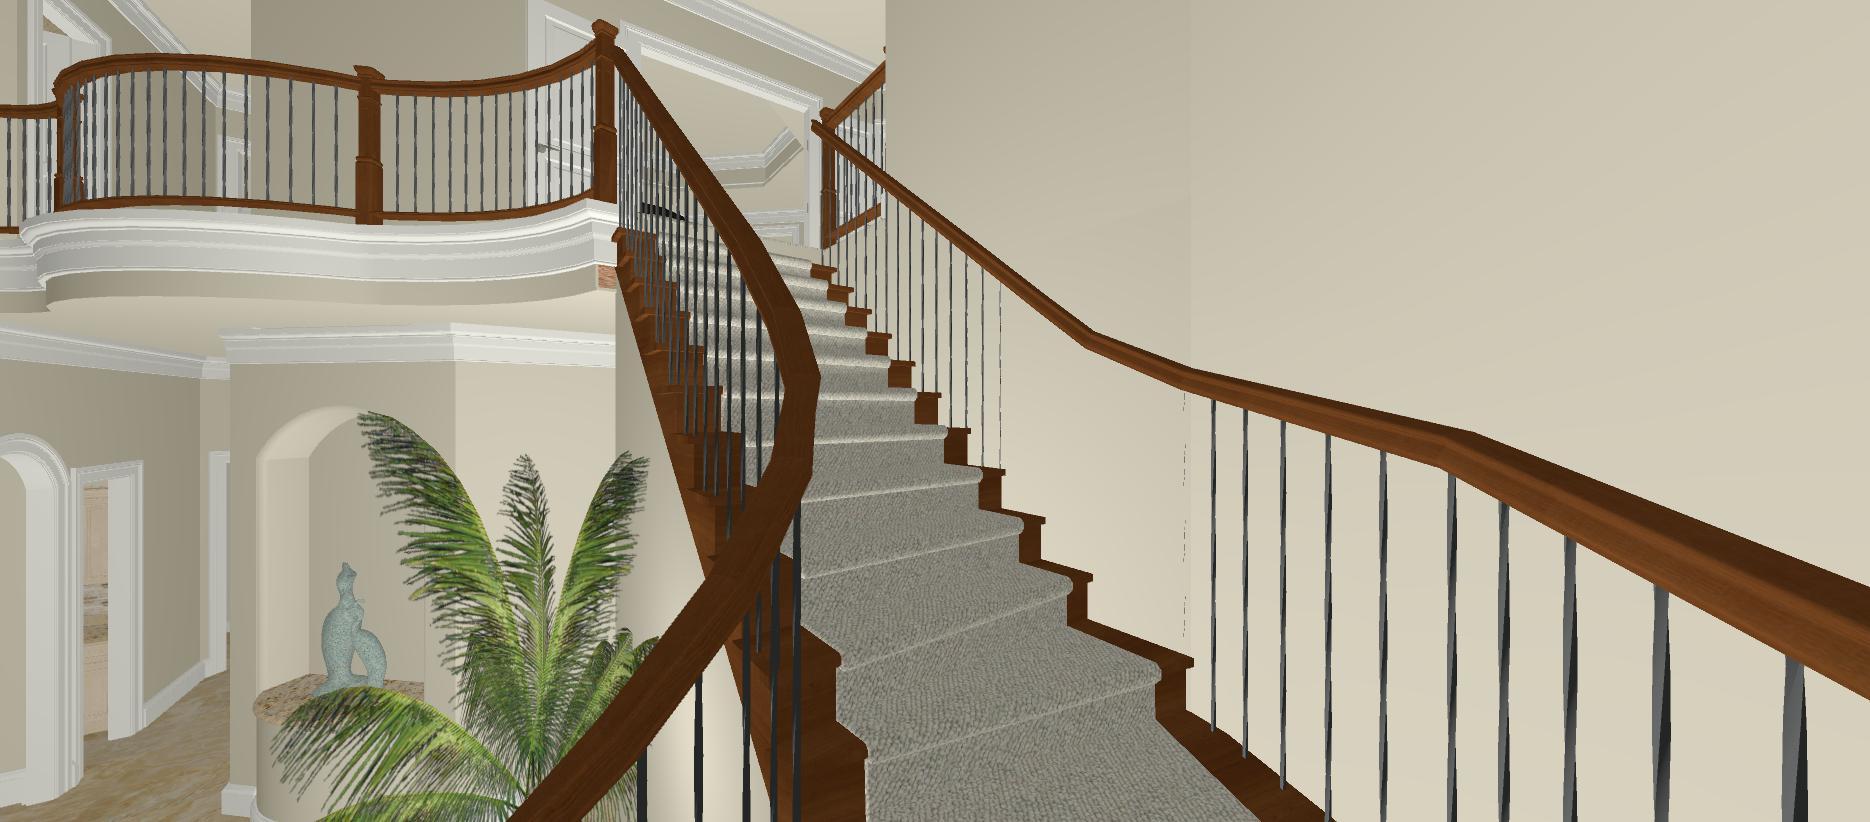 Render 02 Heading up Stairs.jpg